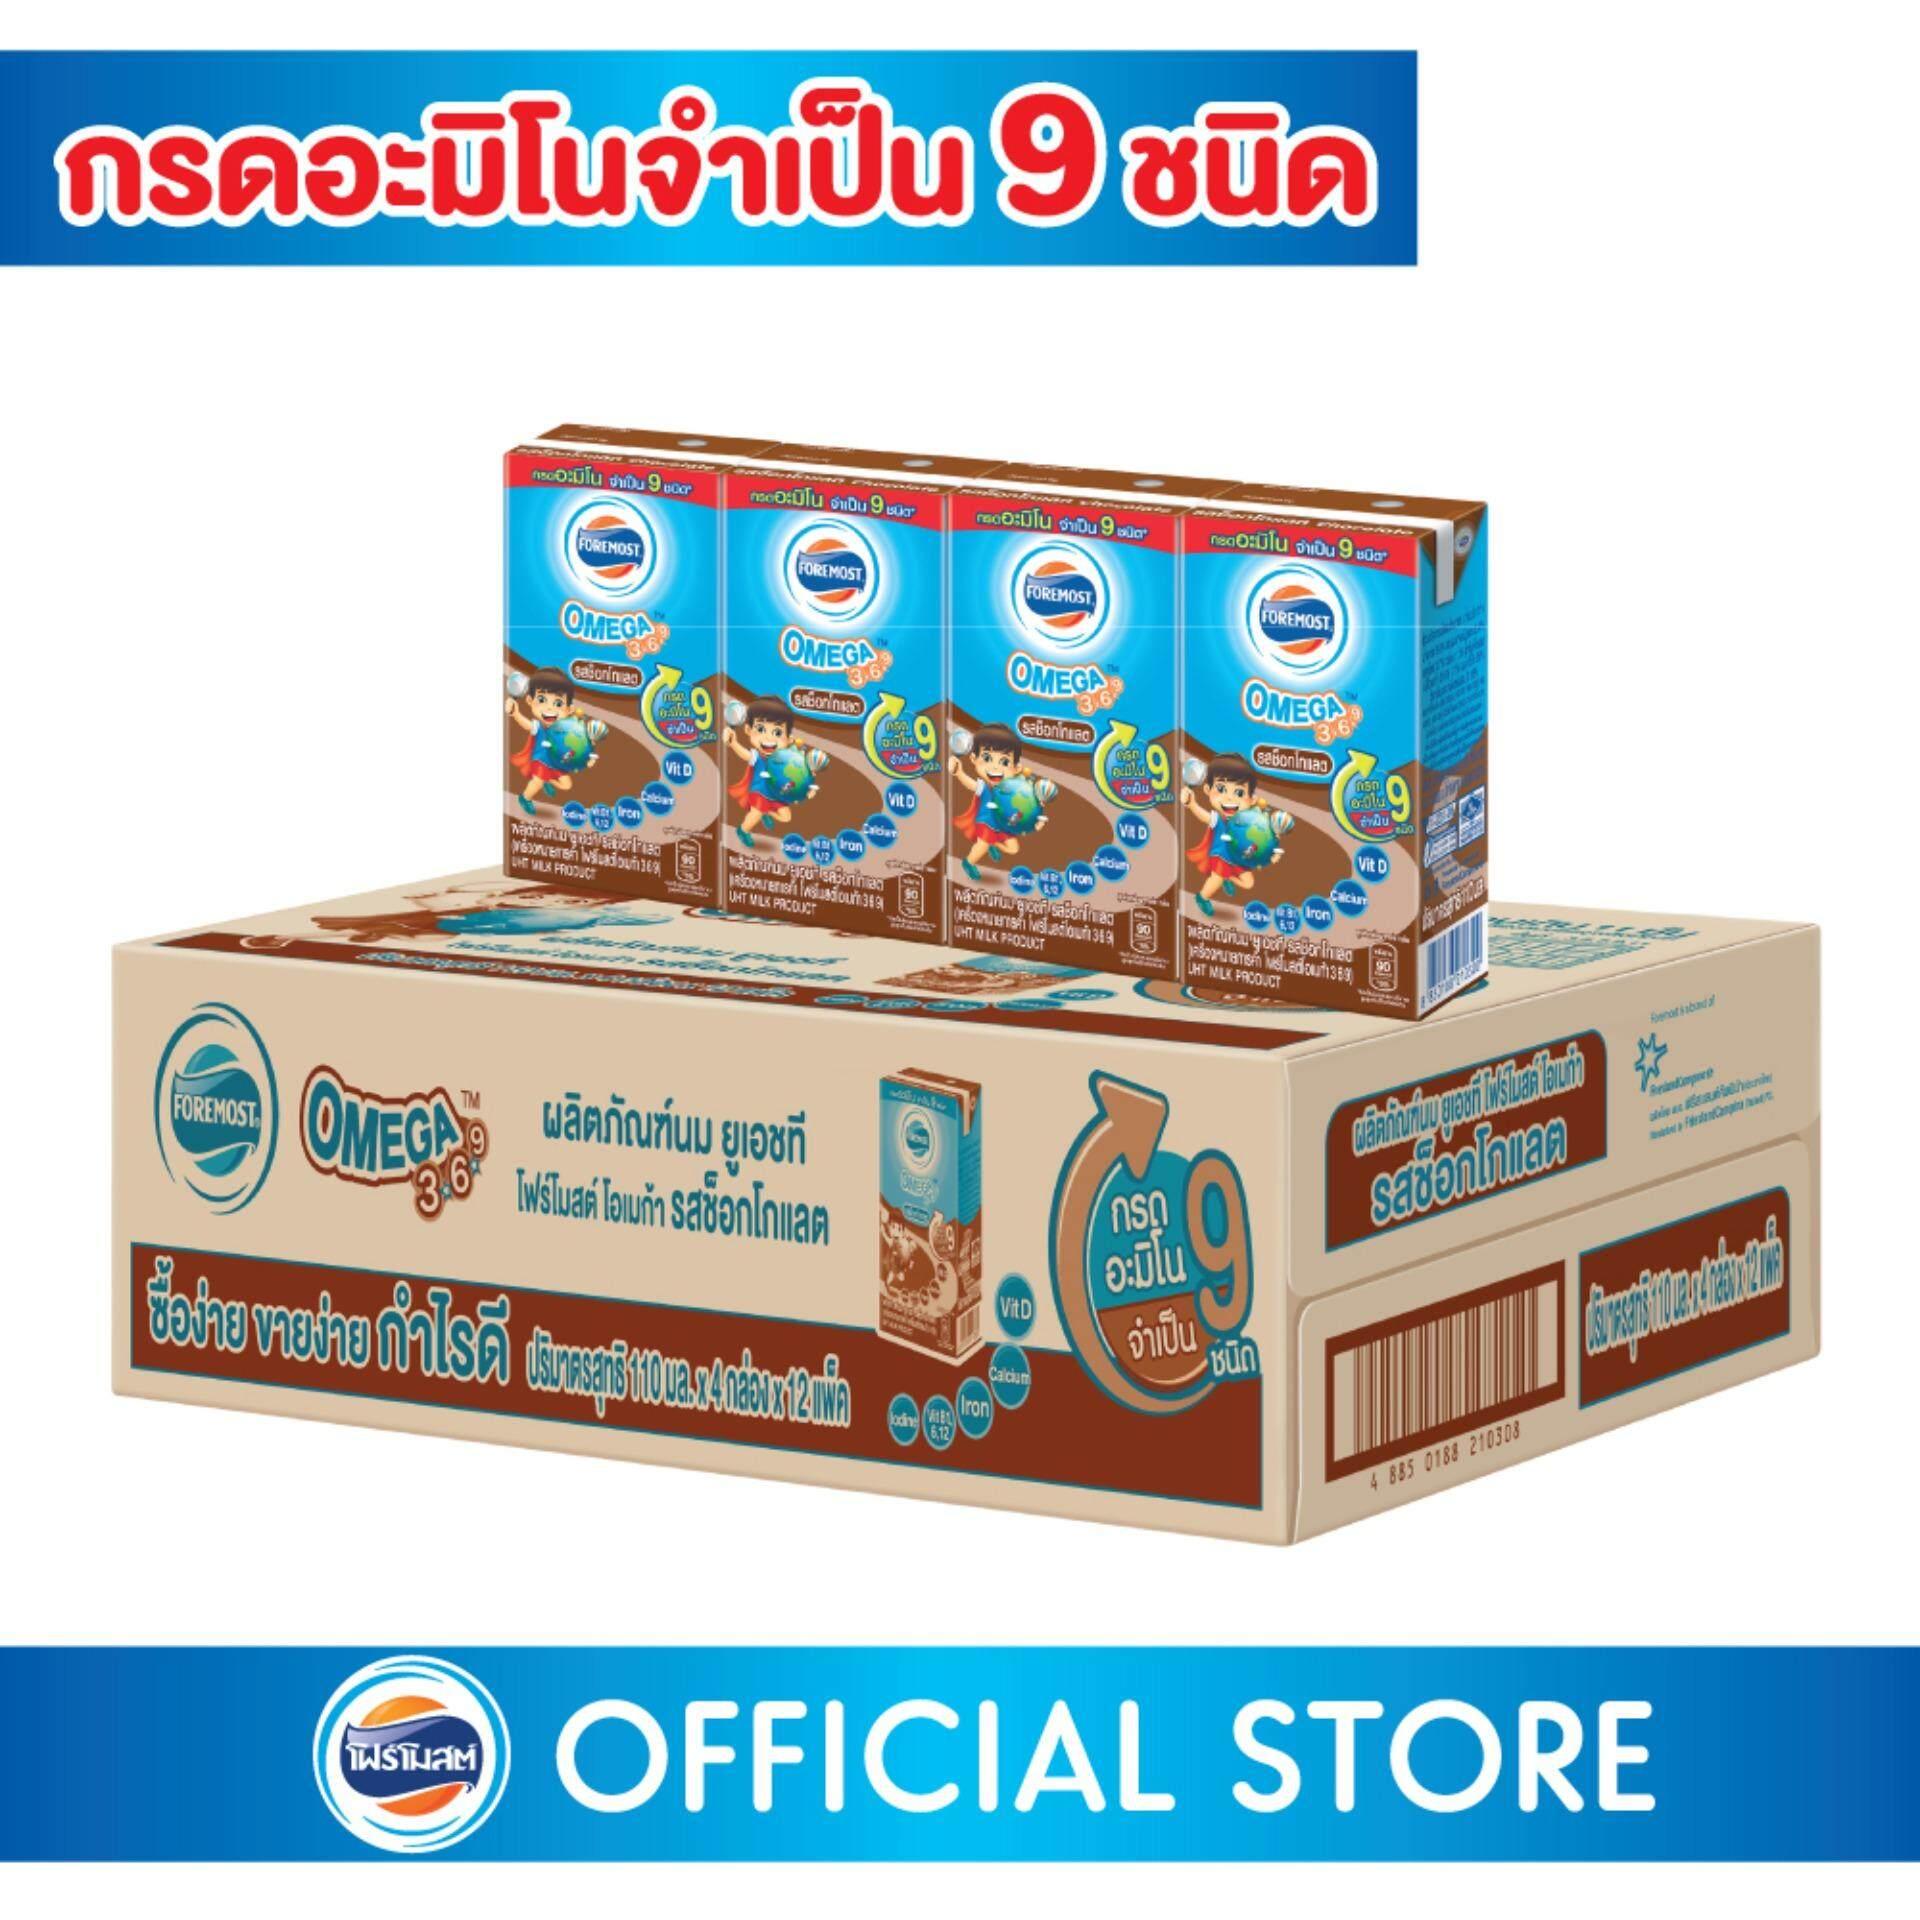 โฟร์โมสต์โอเมก้า369 รสช็อคโกแลต 110มล.(48กล่อง/ลัง) By Lazada Retail Foremost.